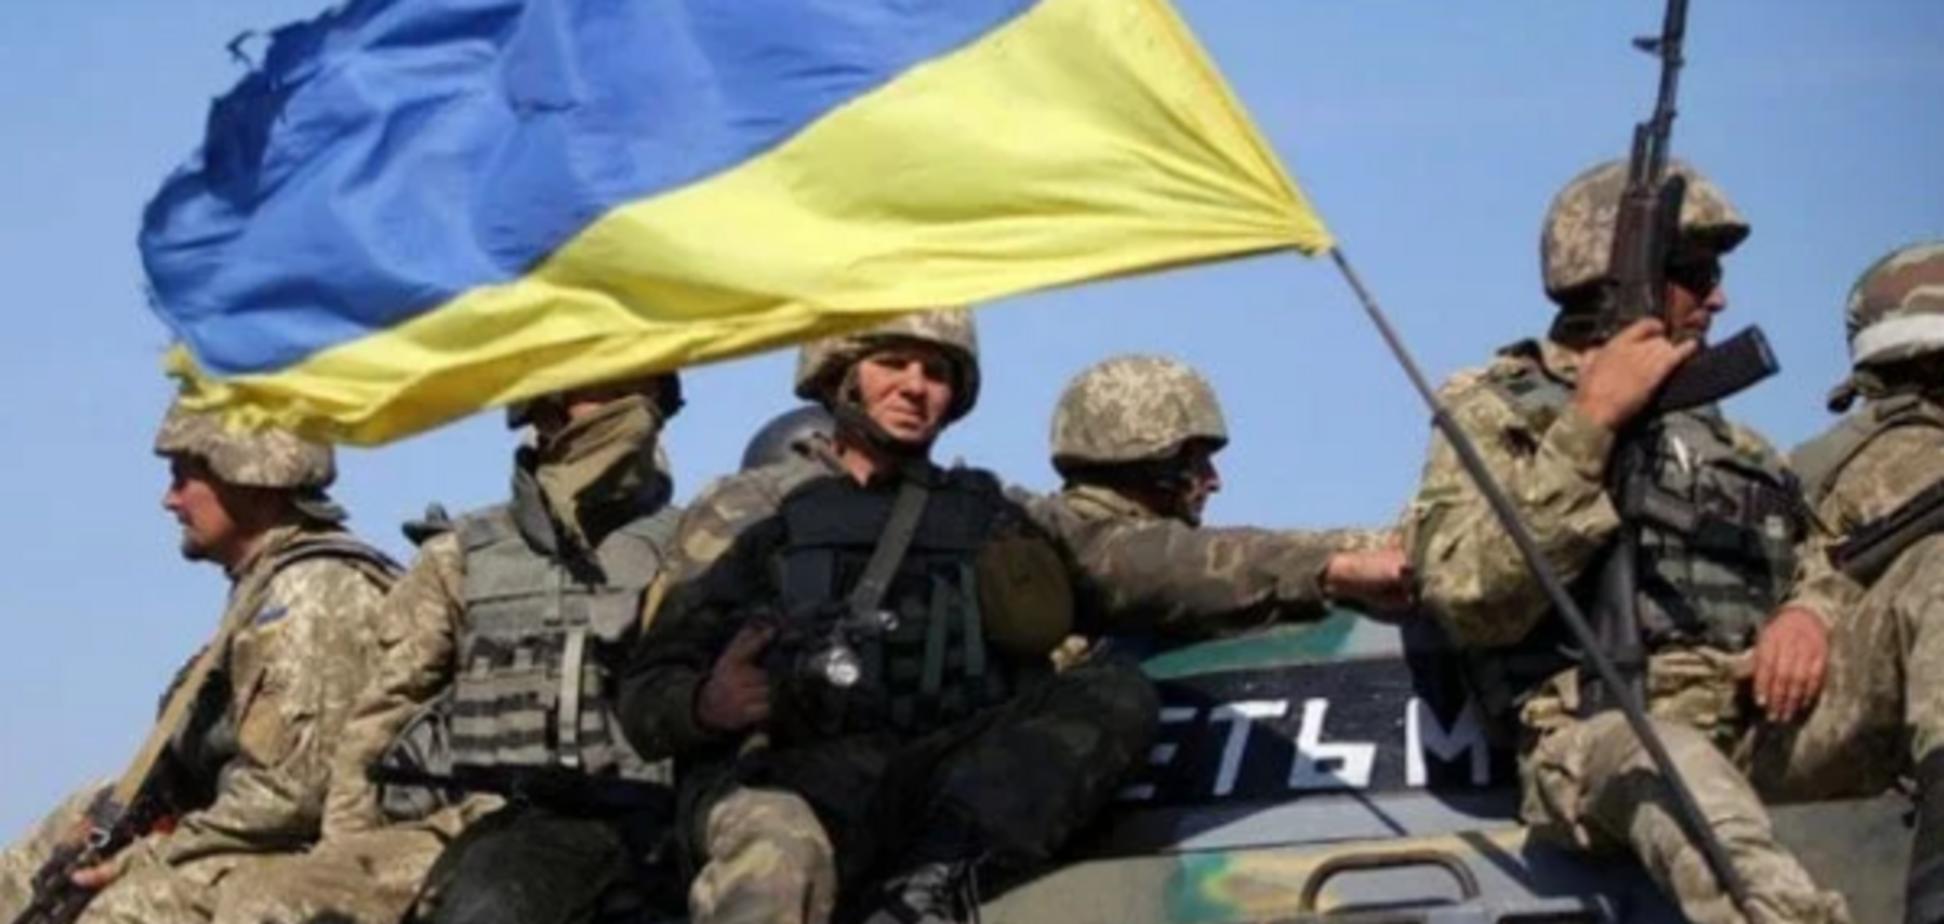 Наемники Путина открыли запрещенный огонь на Донбассе: ранен украинский защитник